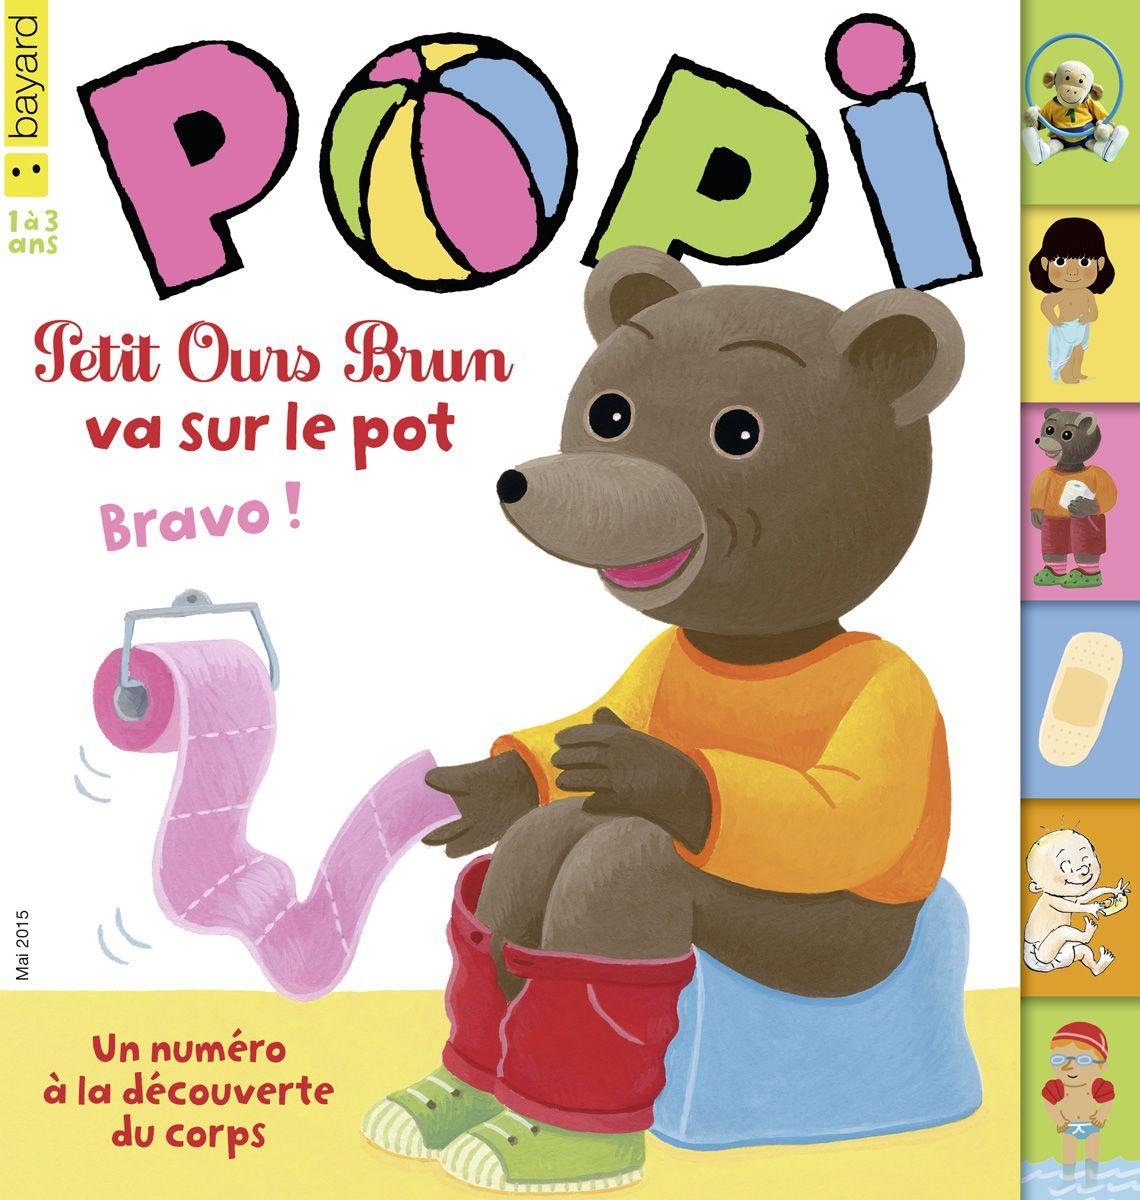 Dans le magazine popi en mai 2015 la petite gym de popi l imagier du corps petit ours brun - Petit ours brun piscine ...